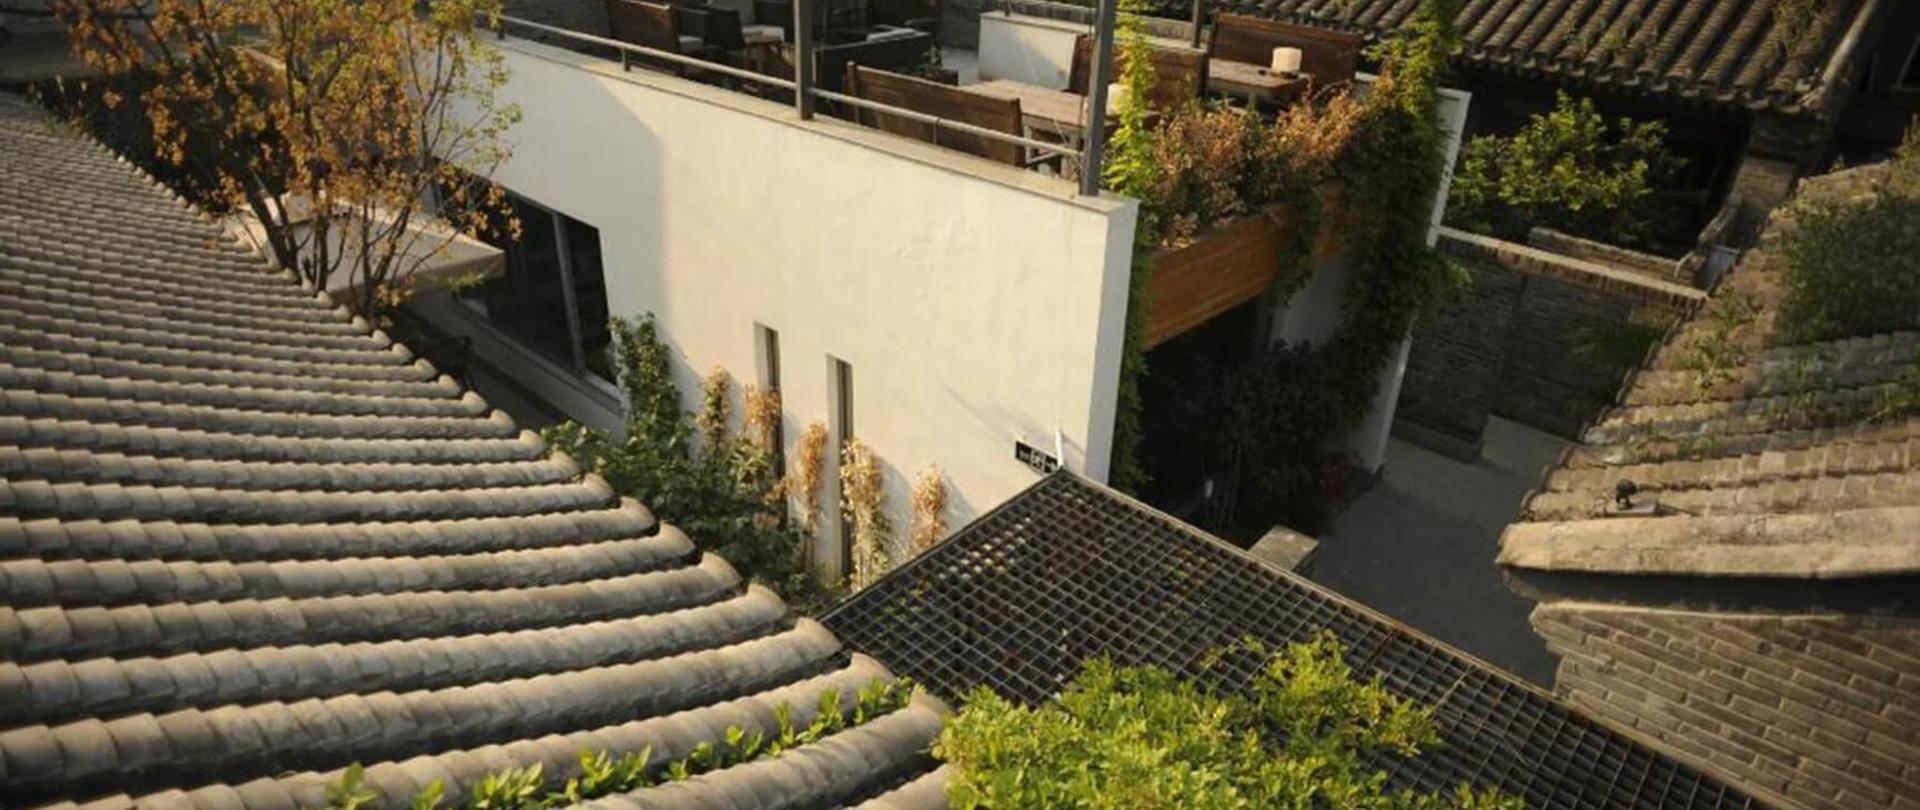 hulu-yard-view11.jpg